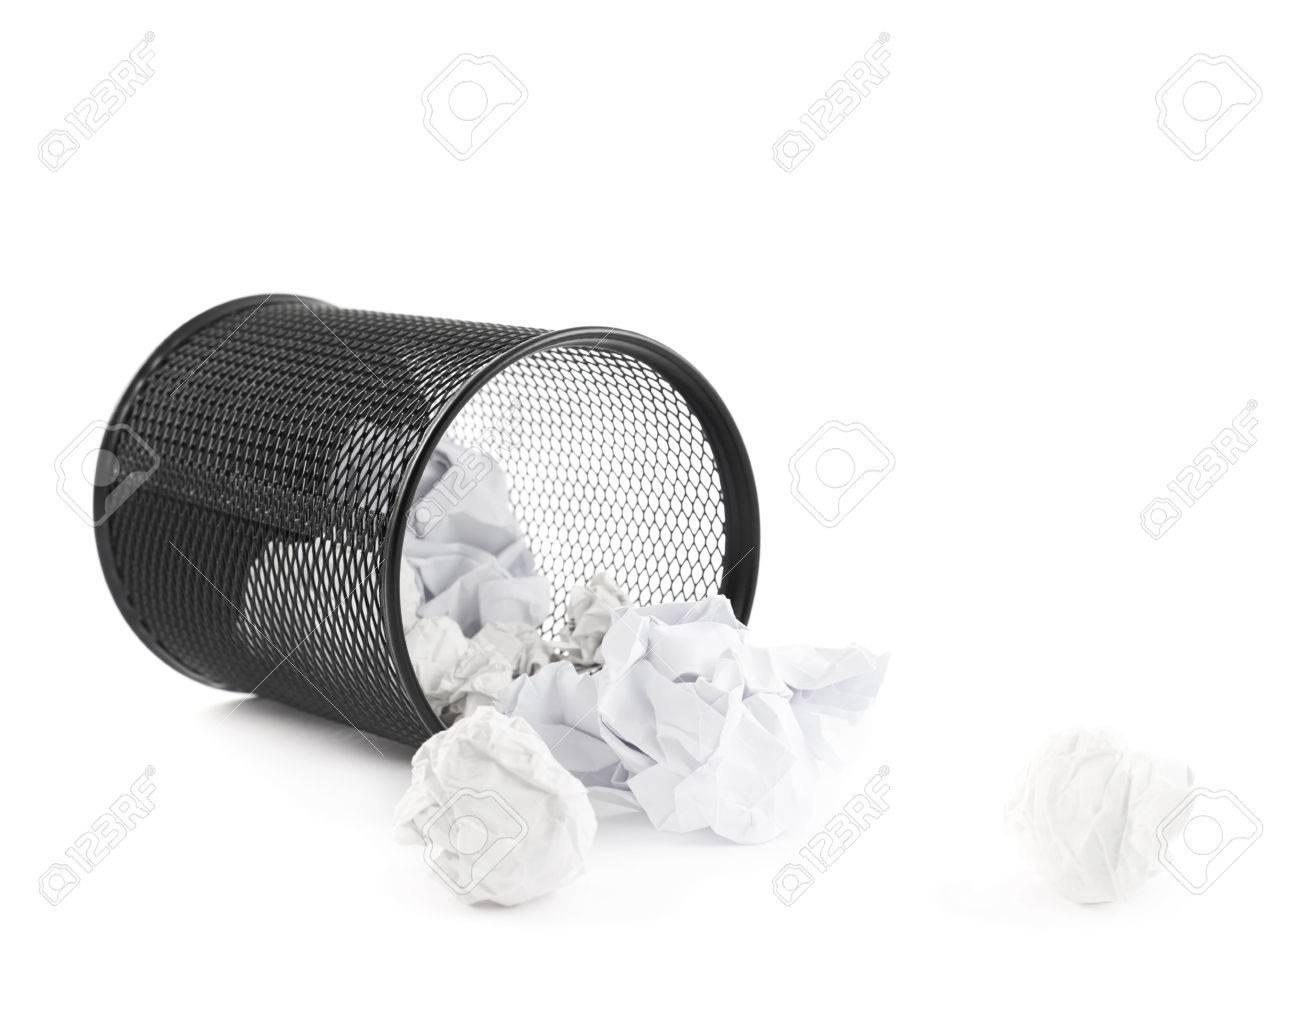 Le papier de bureau poubelle noir bin couché sur le côté à côté